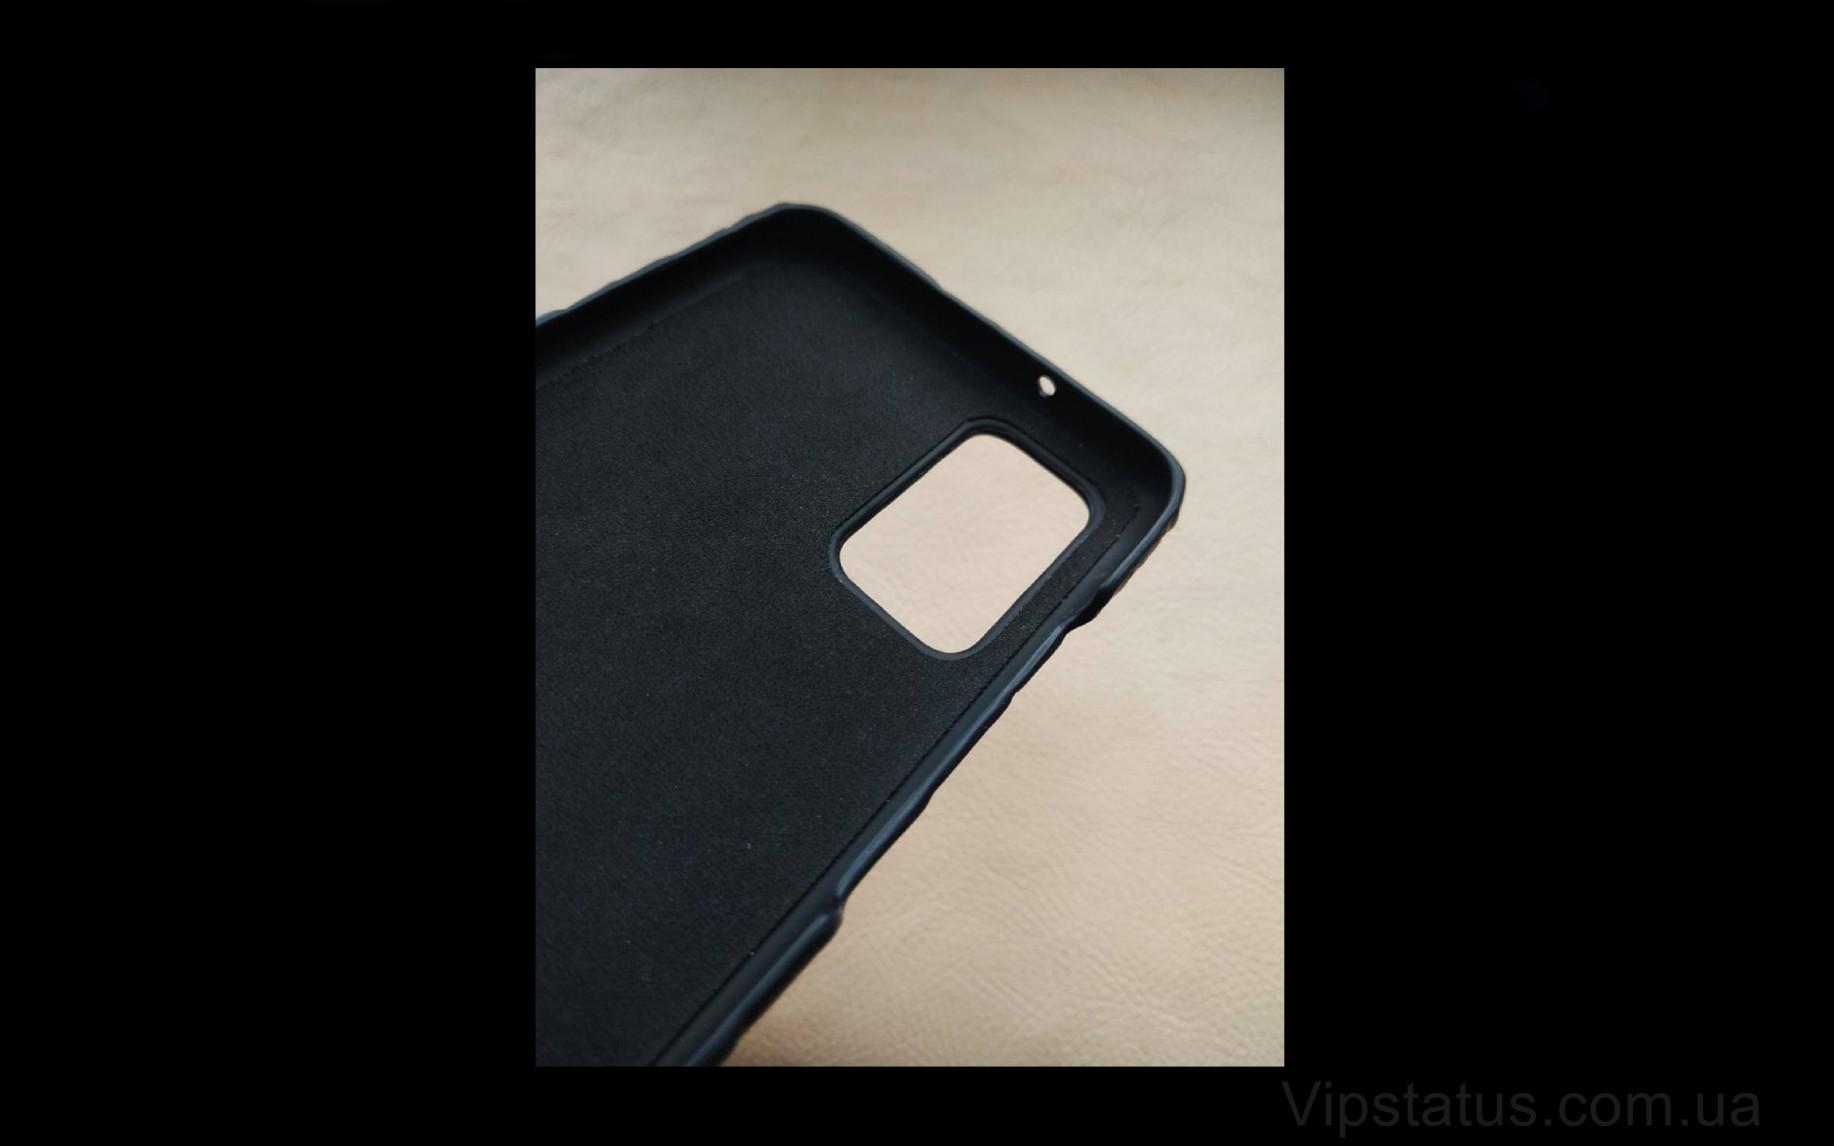 Elite Black Night Премиум чехол Samsung S20 S21 Plus кожа крокодила Black Night Premium case Samsung S20 S21 Plus Crocodile leather image 3